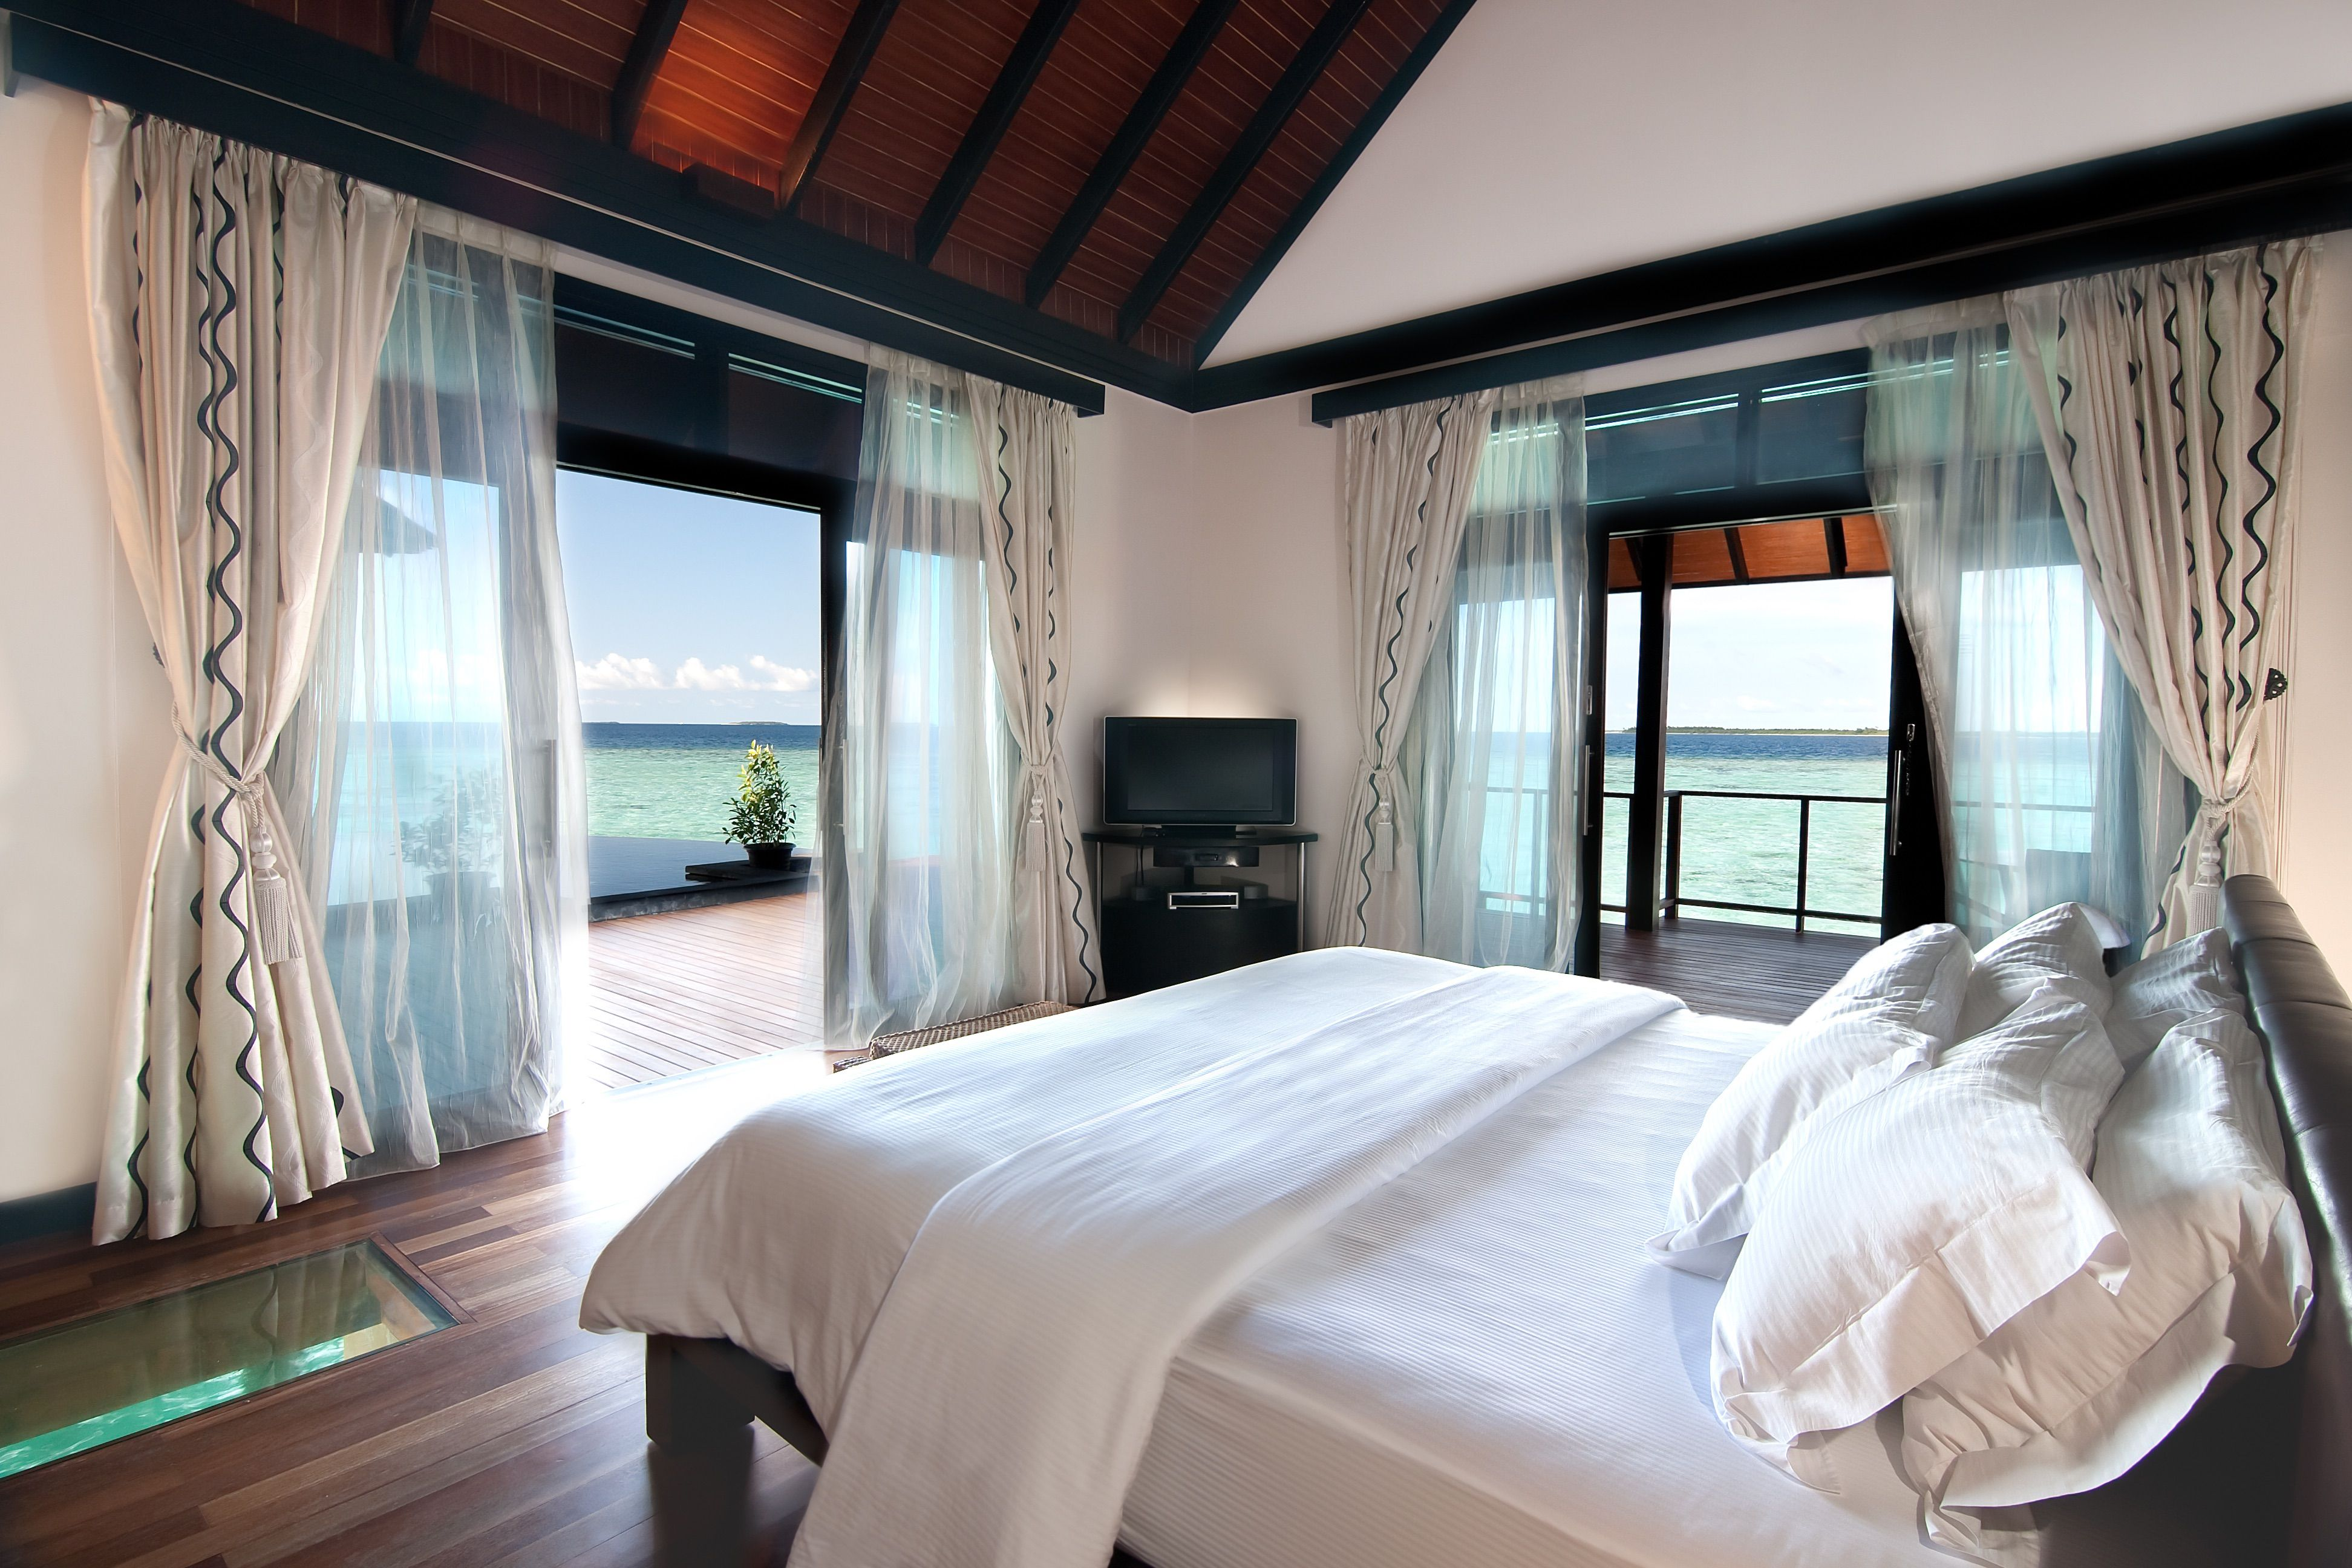 2 Bedroom Aqua Retreat